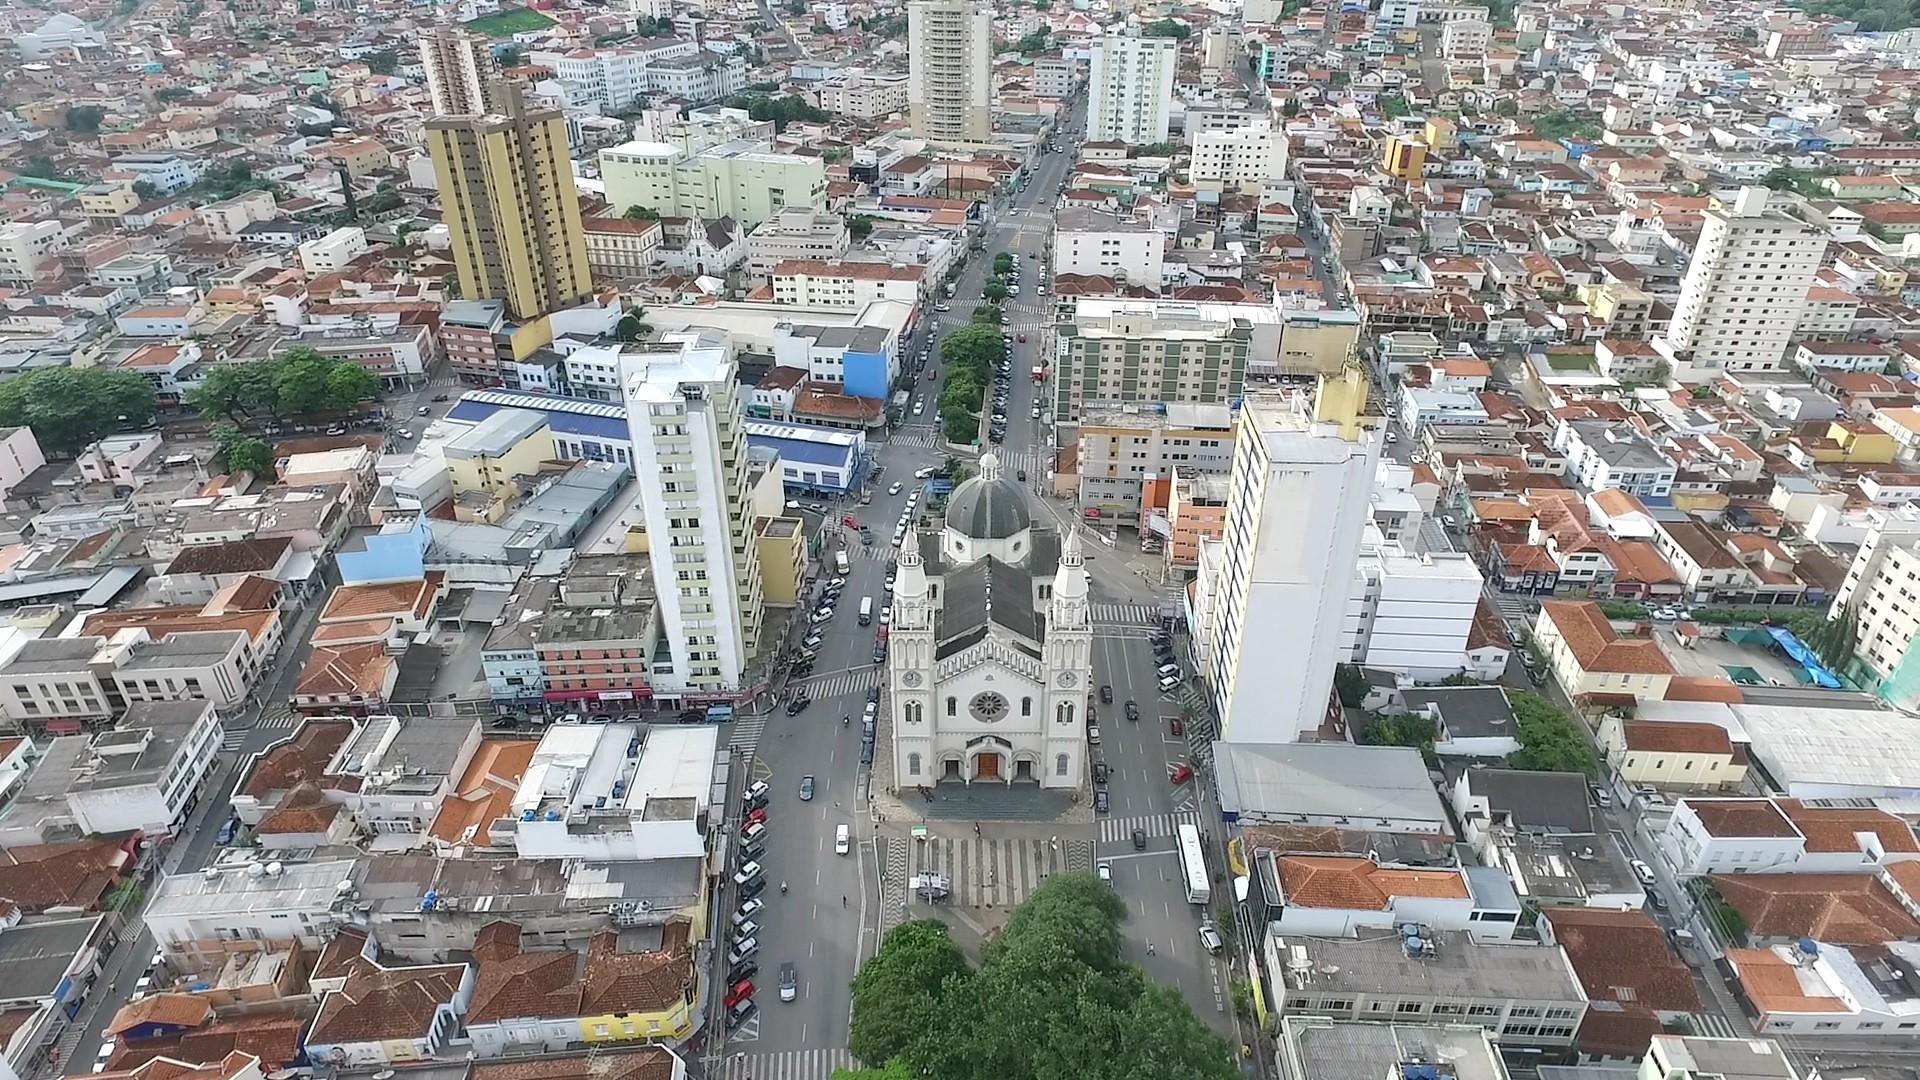 Prefeitura flexibiliza abertura de restaurantes e libera campos de futebol em Pouso Alegre, MG